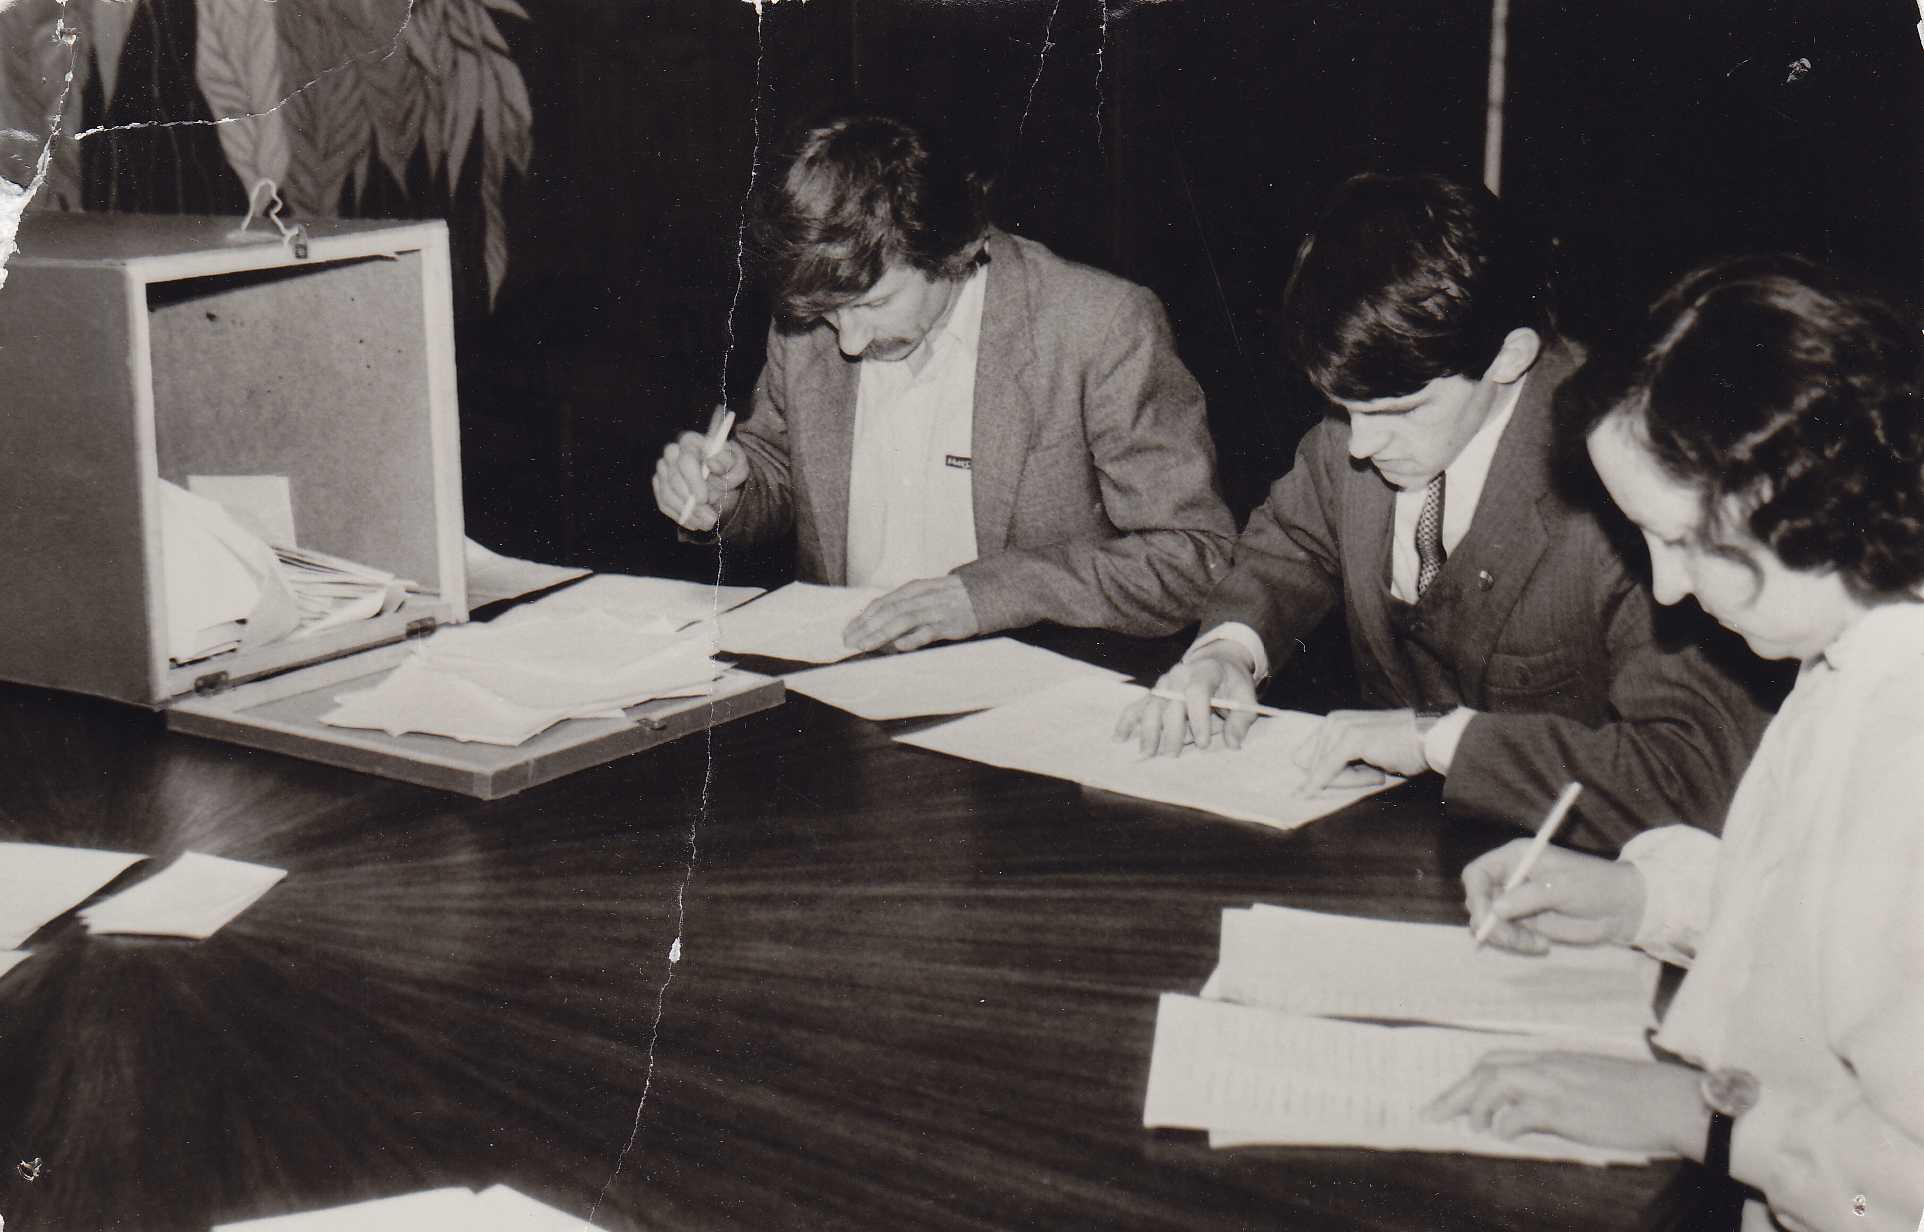 Biuletenių skaičiavimas. Iš kairės: Pranas Janulevičius, Gintautas Gudas, Ona Gasiūnienė